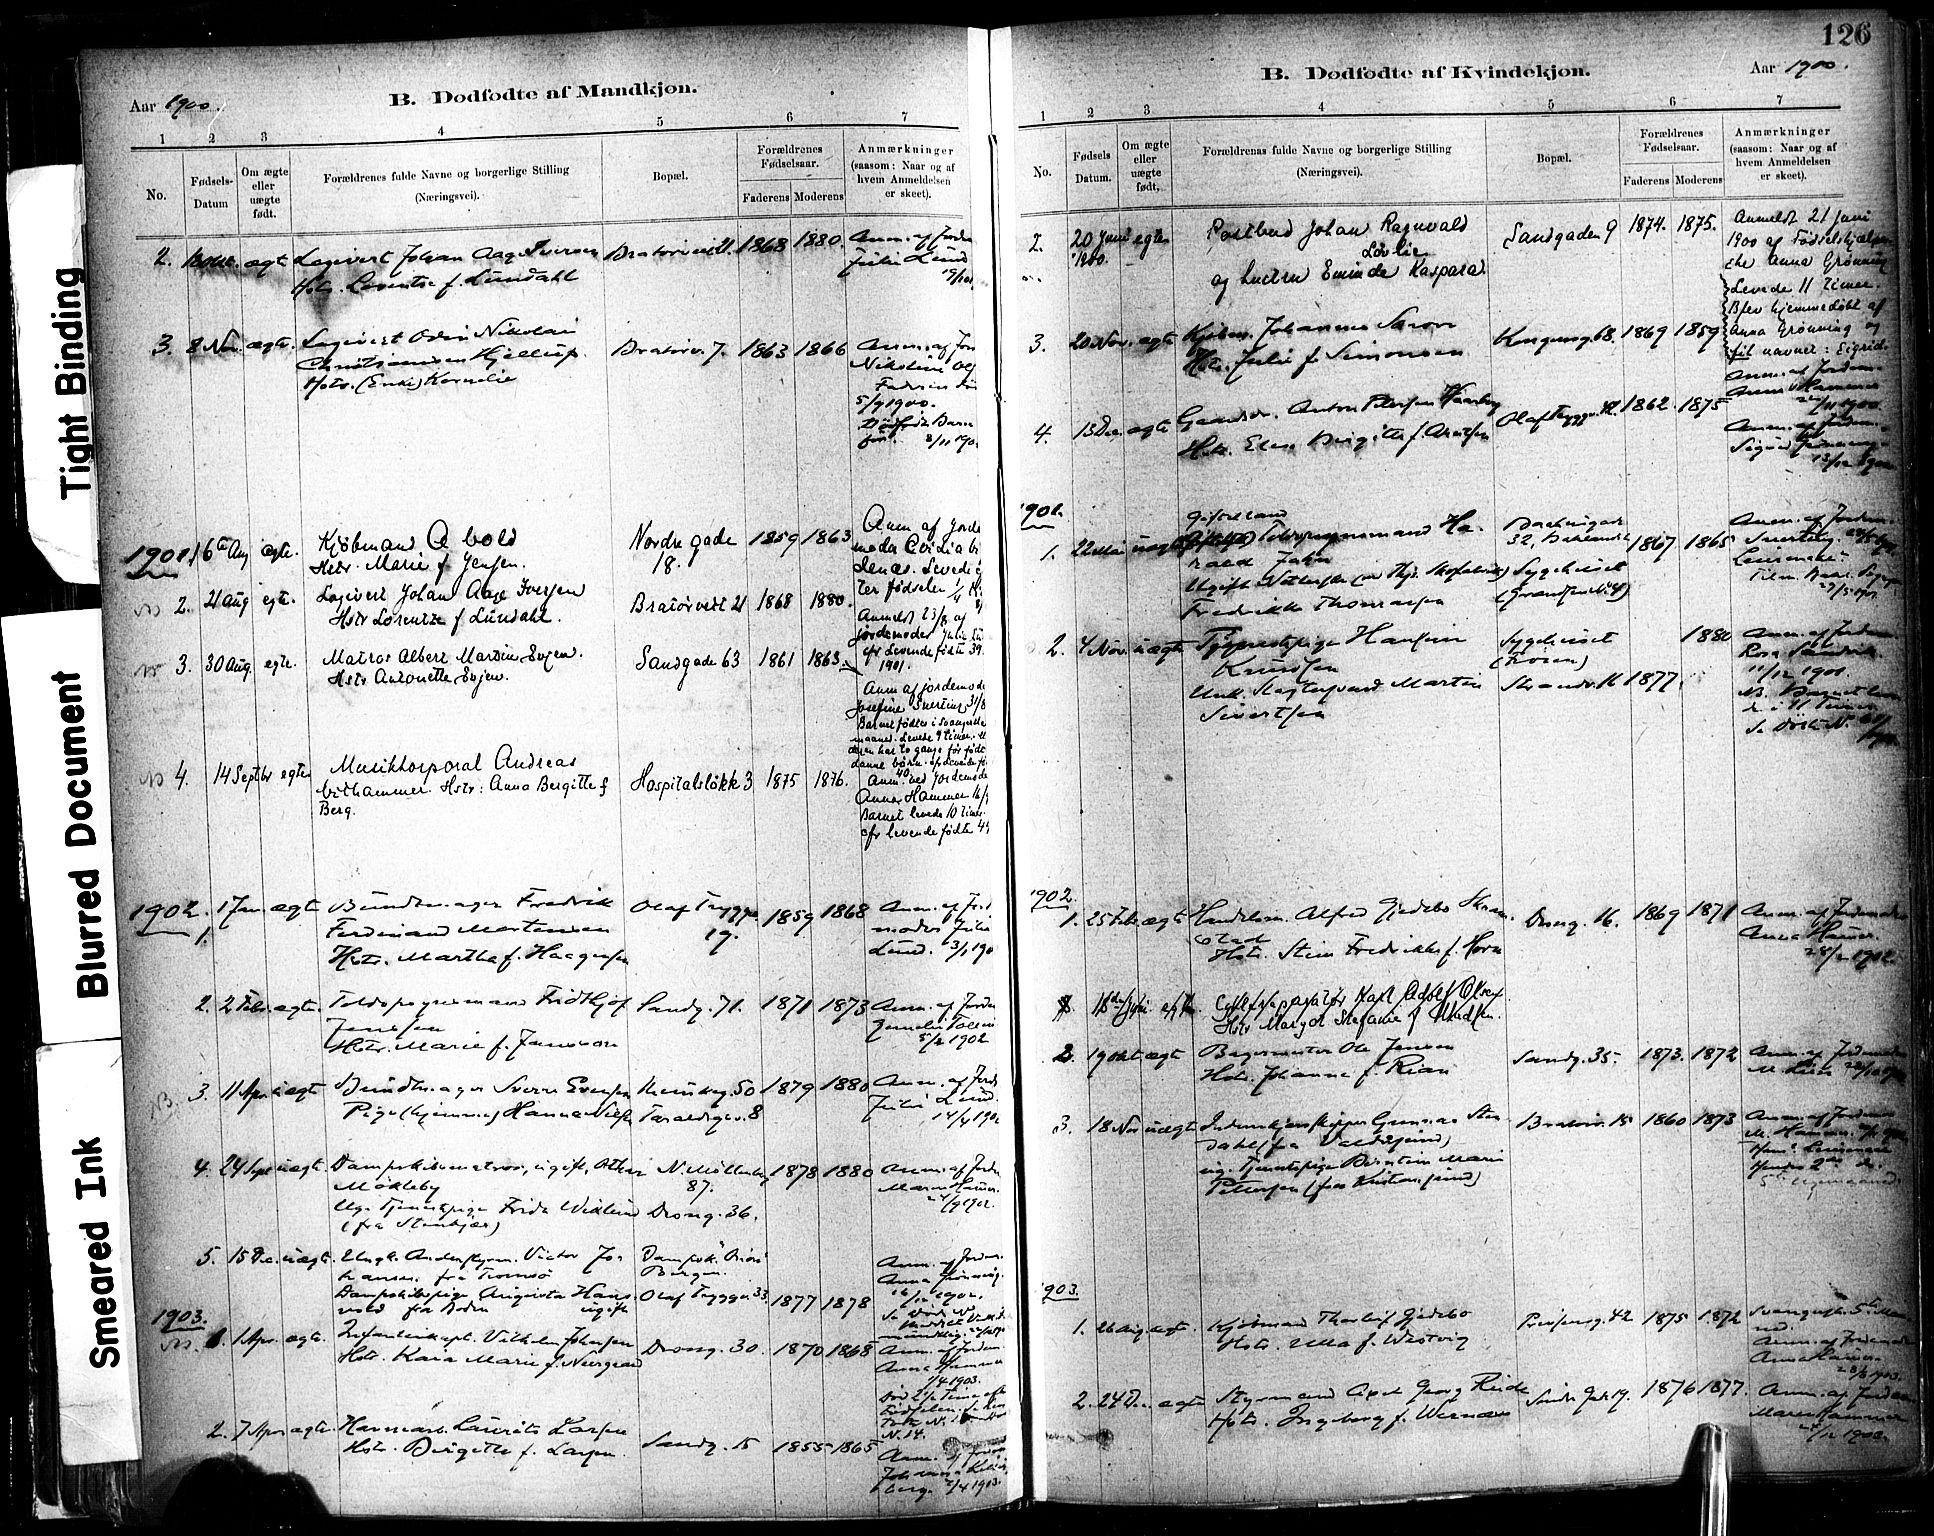 SAT, Ministerialprotokoller, klokkerbøker og fødselsregistre - Sør-Trøndelag, 602/L0119: Ministerialbok nr. 602A17, 1880-1901, s. 126